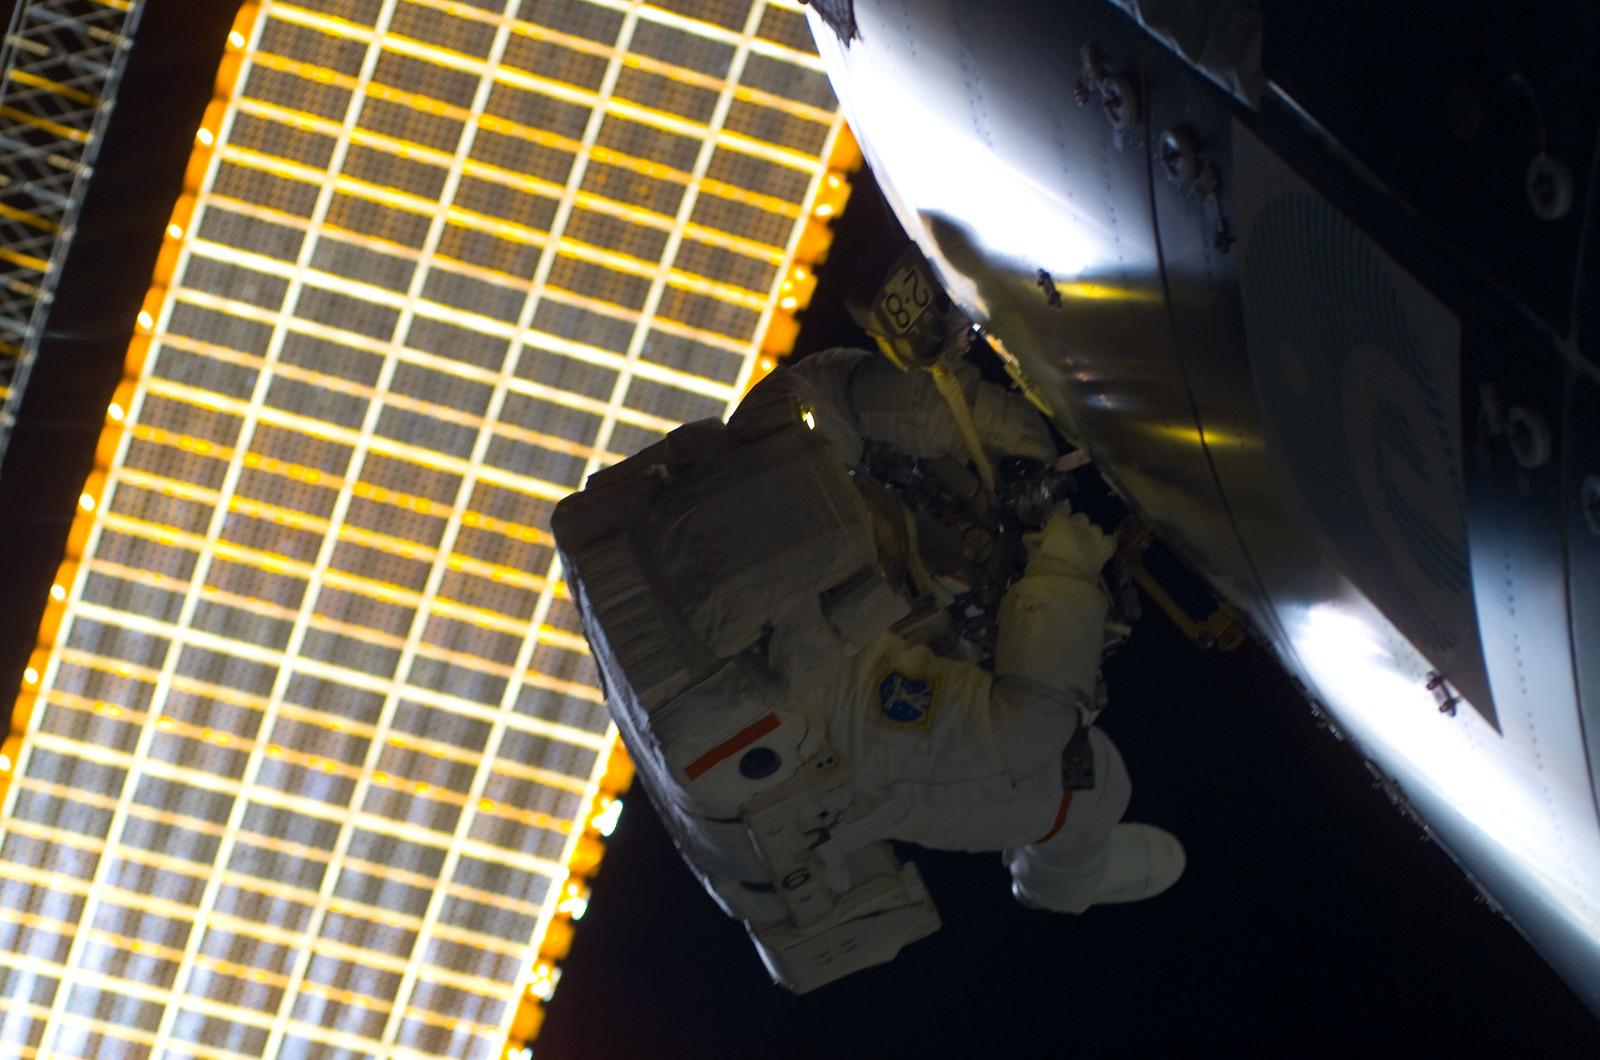 S122E008792 - STS-122 - Walheim during EVA 3